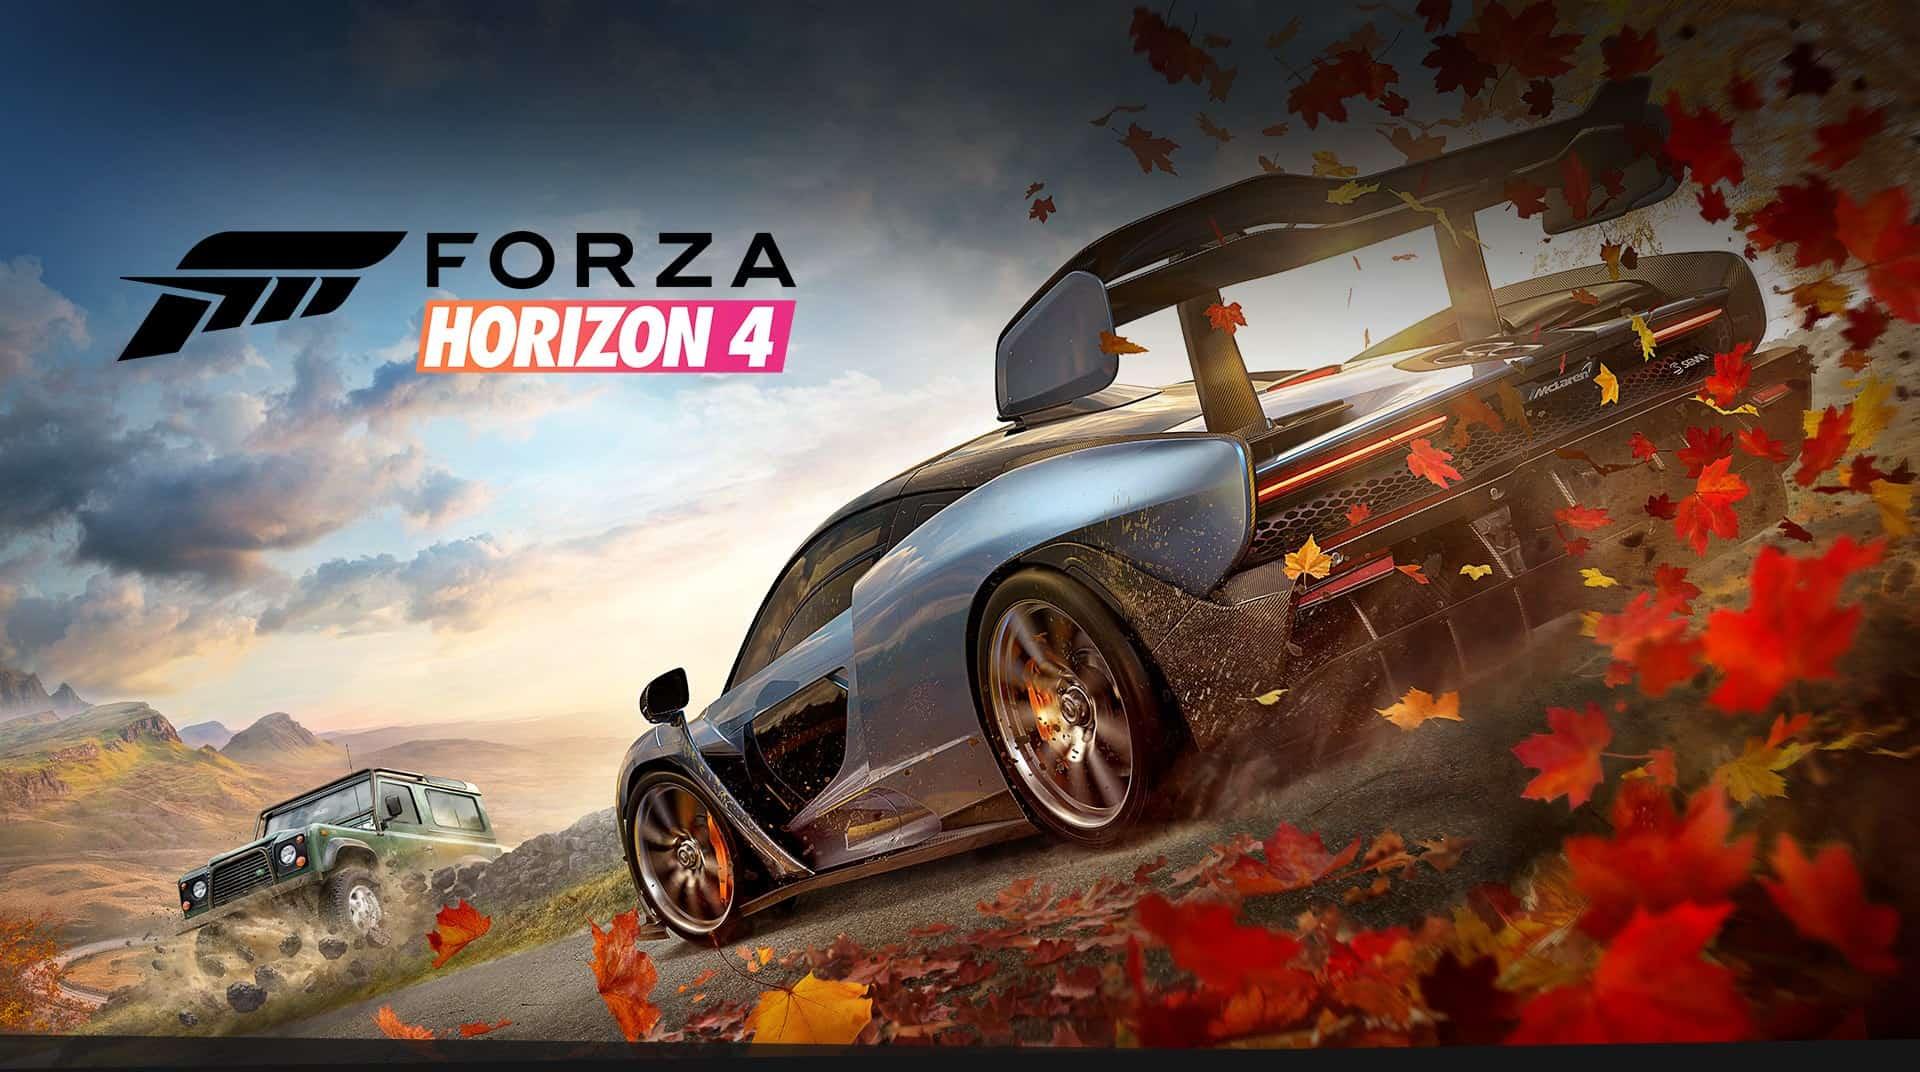 Forza Horizon 4 frei herunterladen game